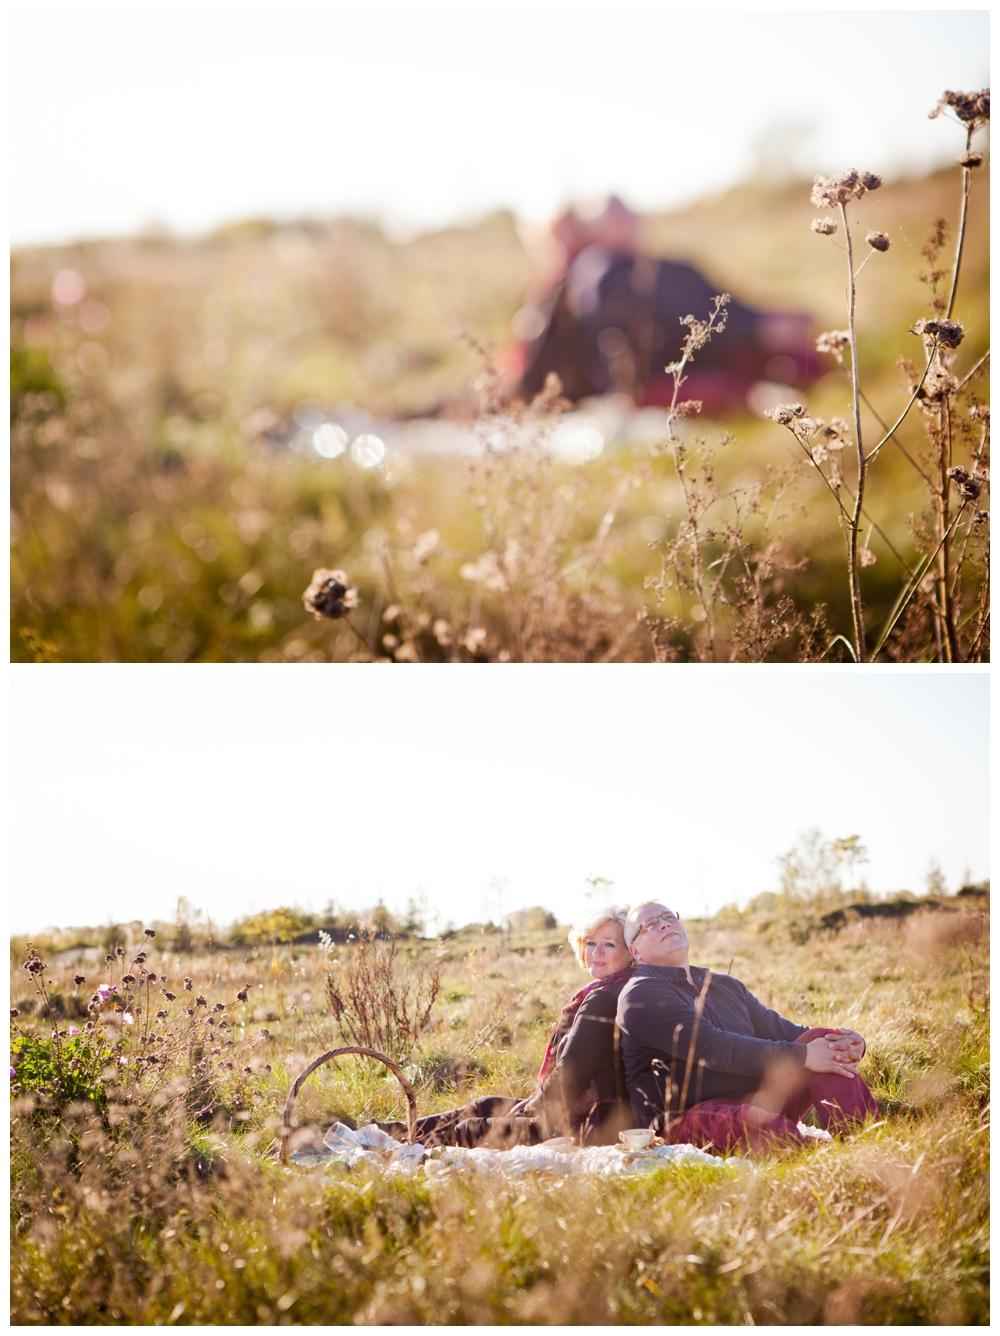 Loveshoot Freek&Liesbeth - Debora Yari Fotografie008